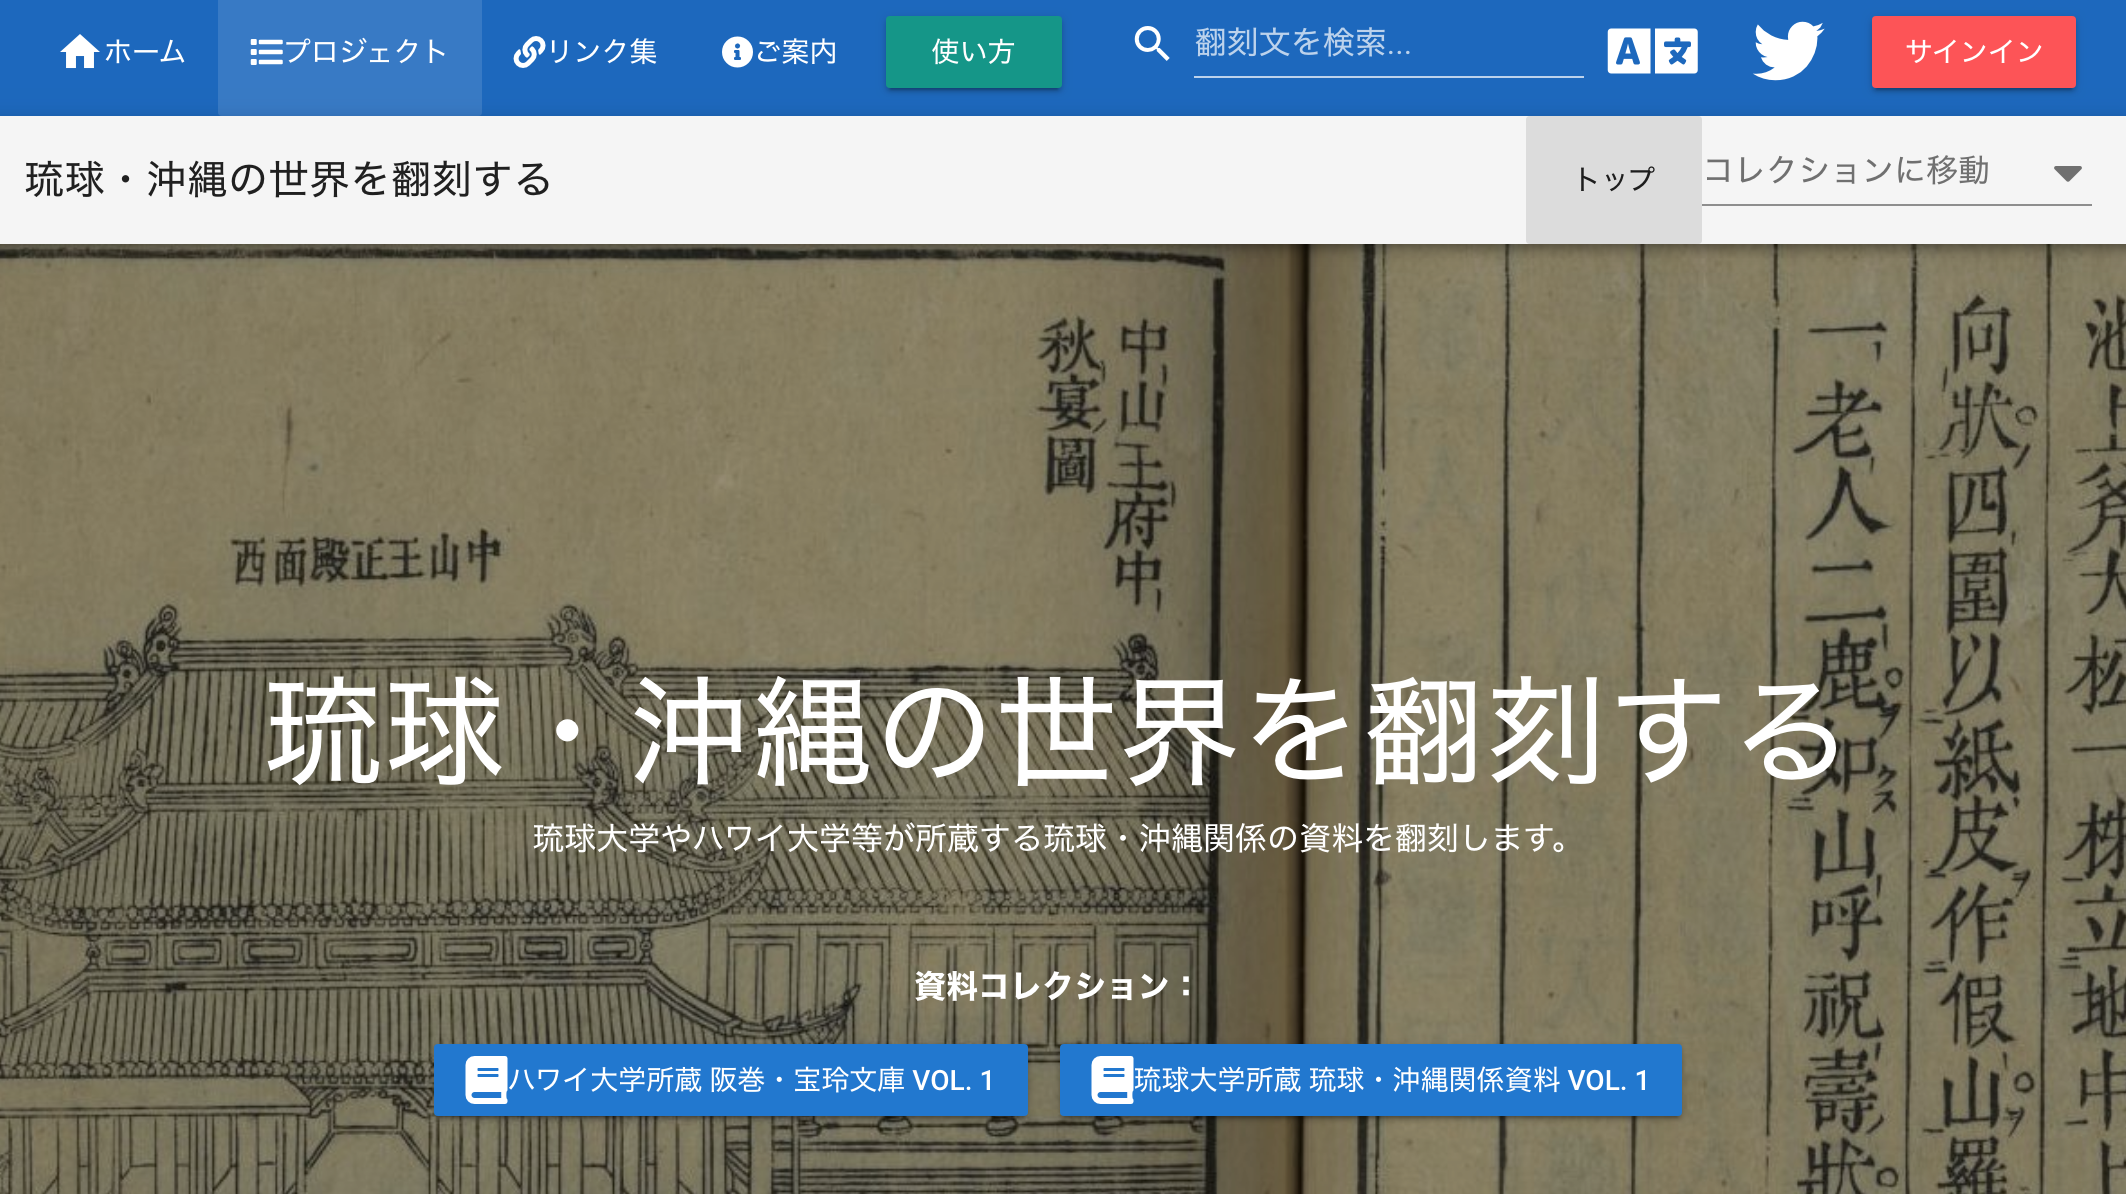 Minna de honkoku University of the Ryukyus Library Top Page